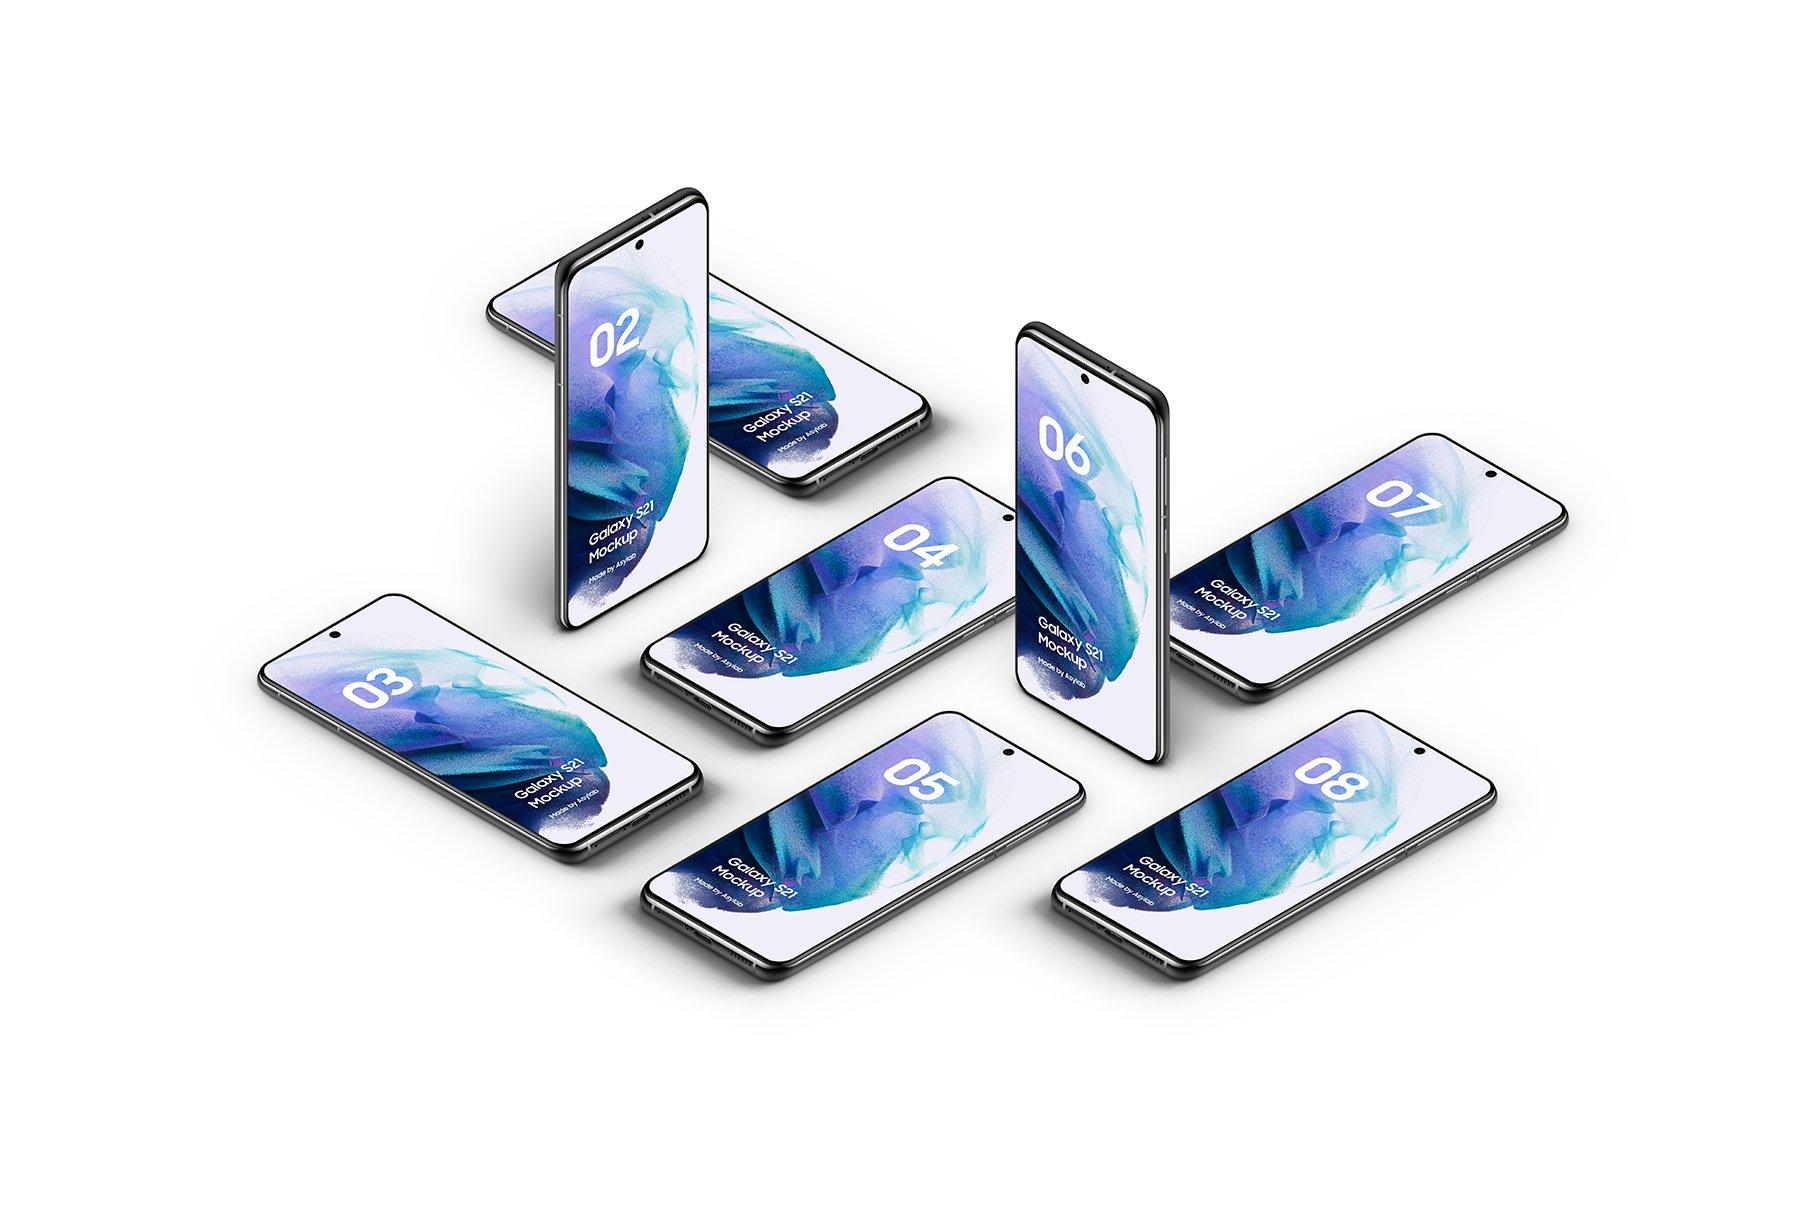 [单独购买] 20款三星Galaxy S21手机网站APP界面设计演示样机模板套件 Galaxy S21 – 20 Mockups Scenes插图18